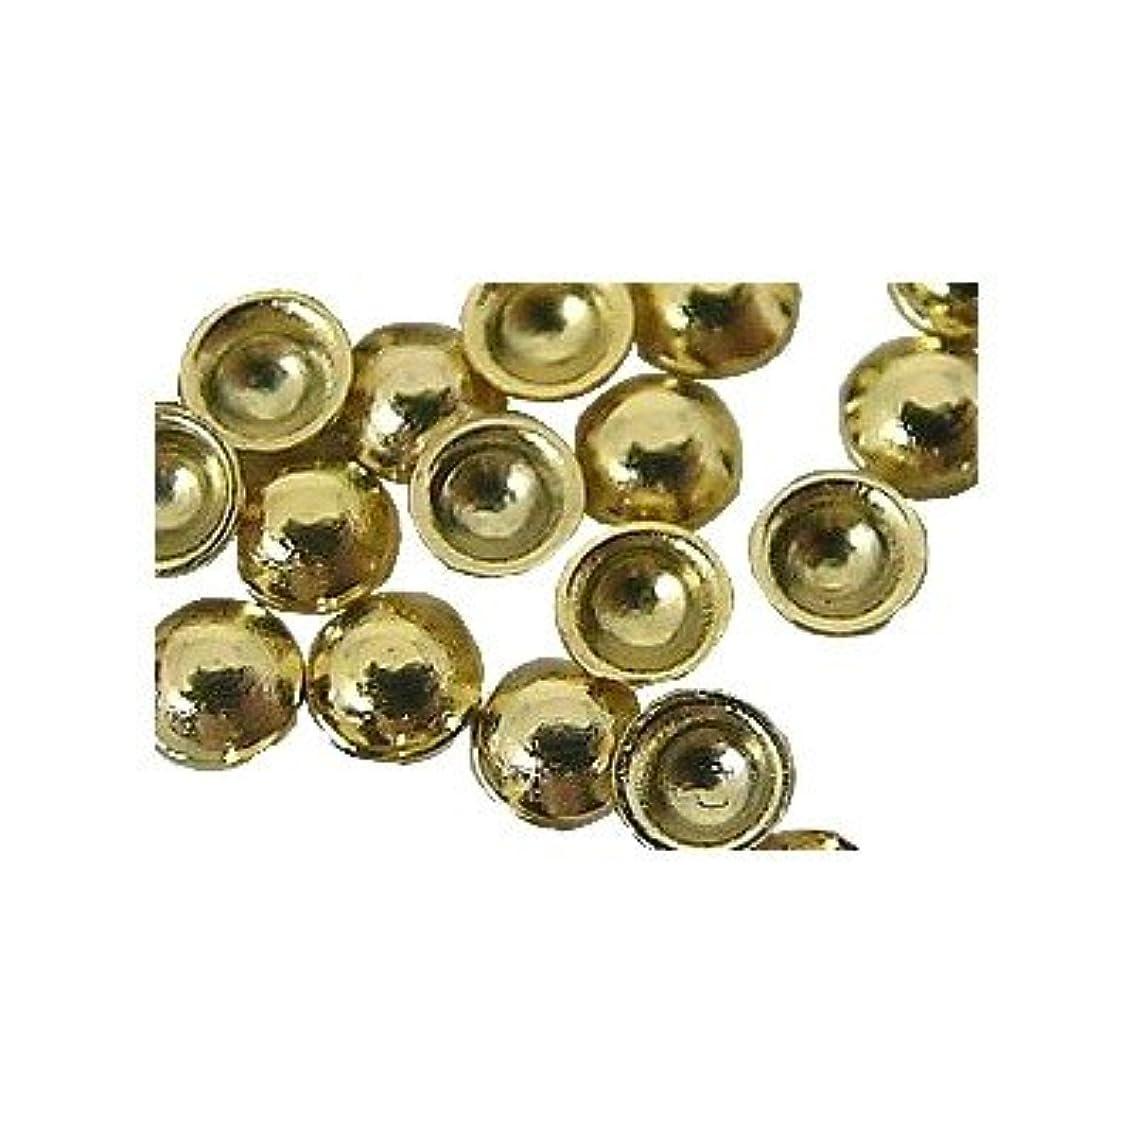 ディレクトリサンダー申し立てるピアドラ スタッズ 2.0mm 100P ゴールド